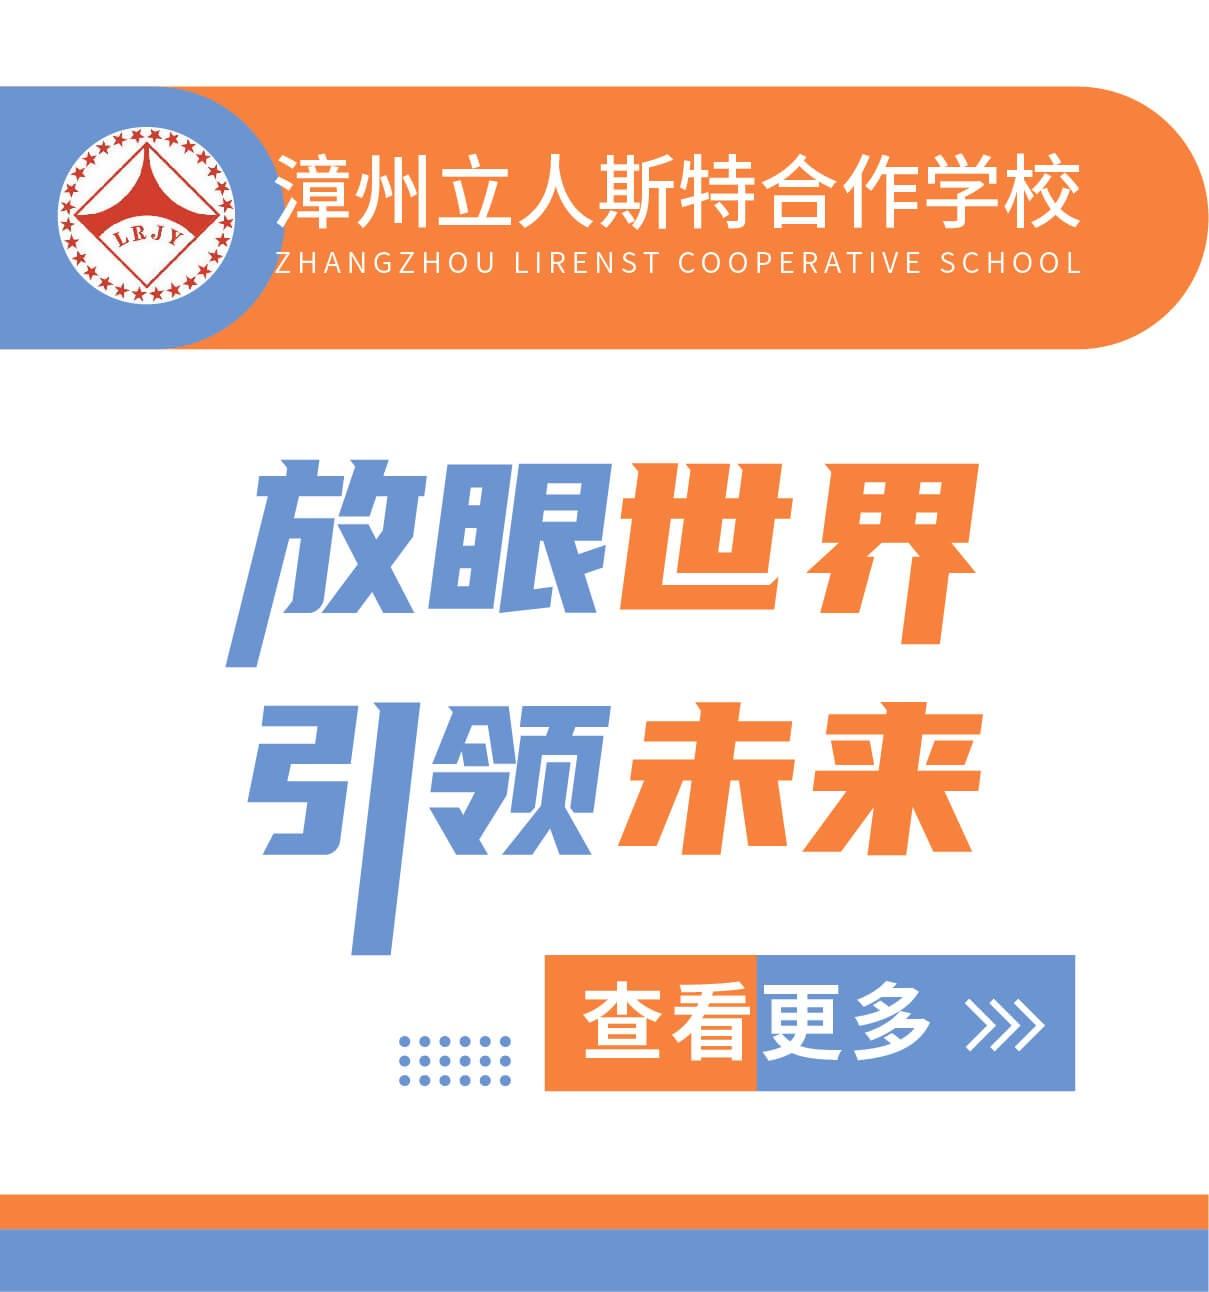 漳州立人斯特合作学校图片